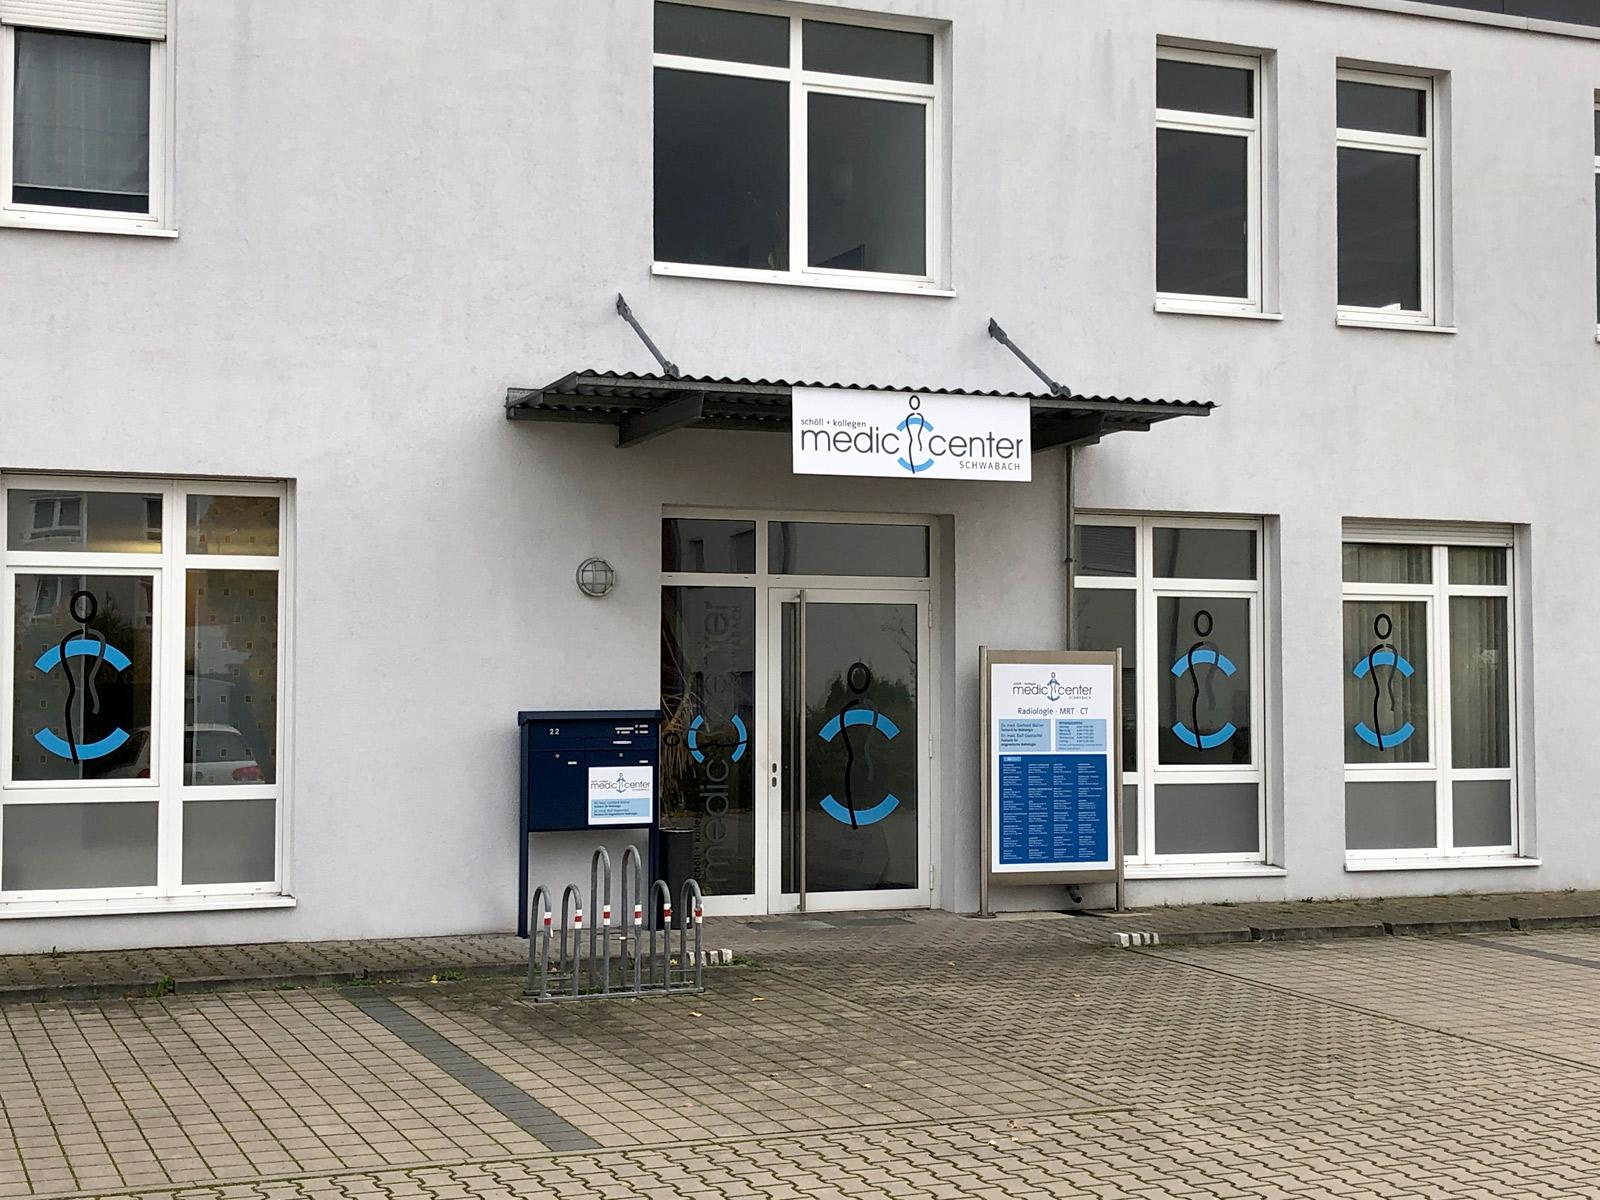 Eingansbereich eines Medic Centers in Schwabach